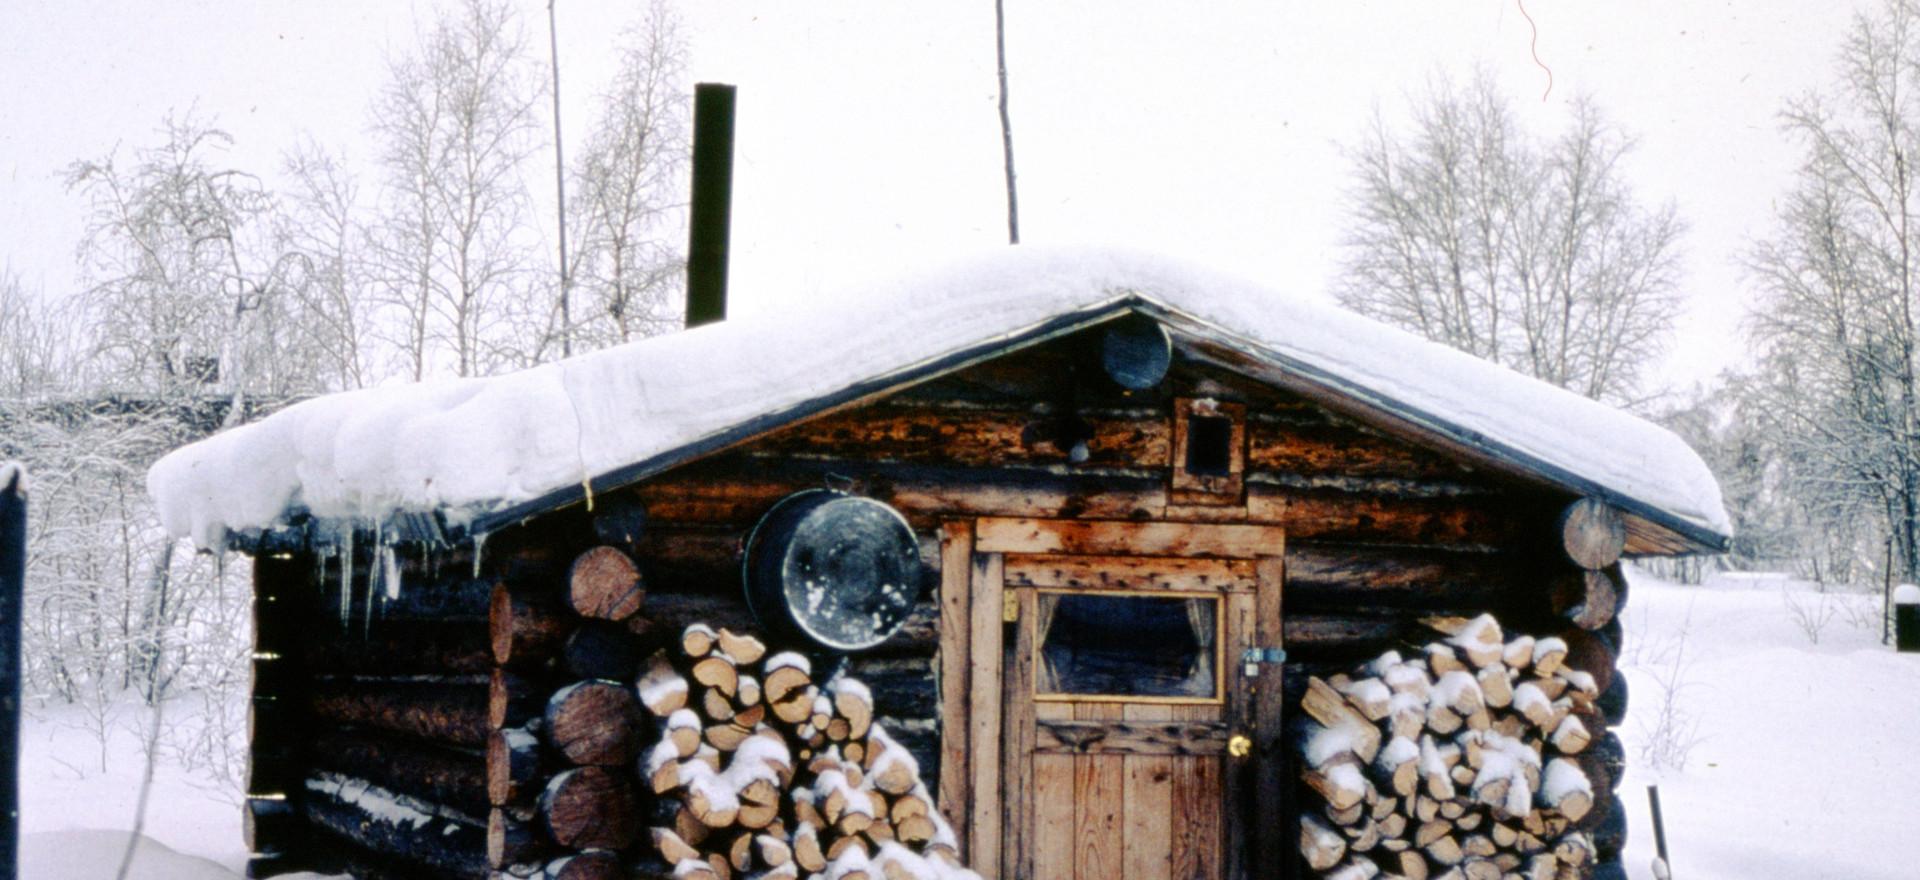 Richard's one room cabin in Huslia, Alaska.